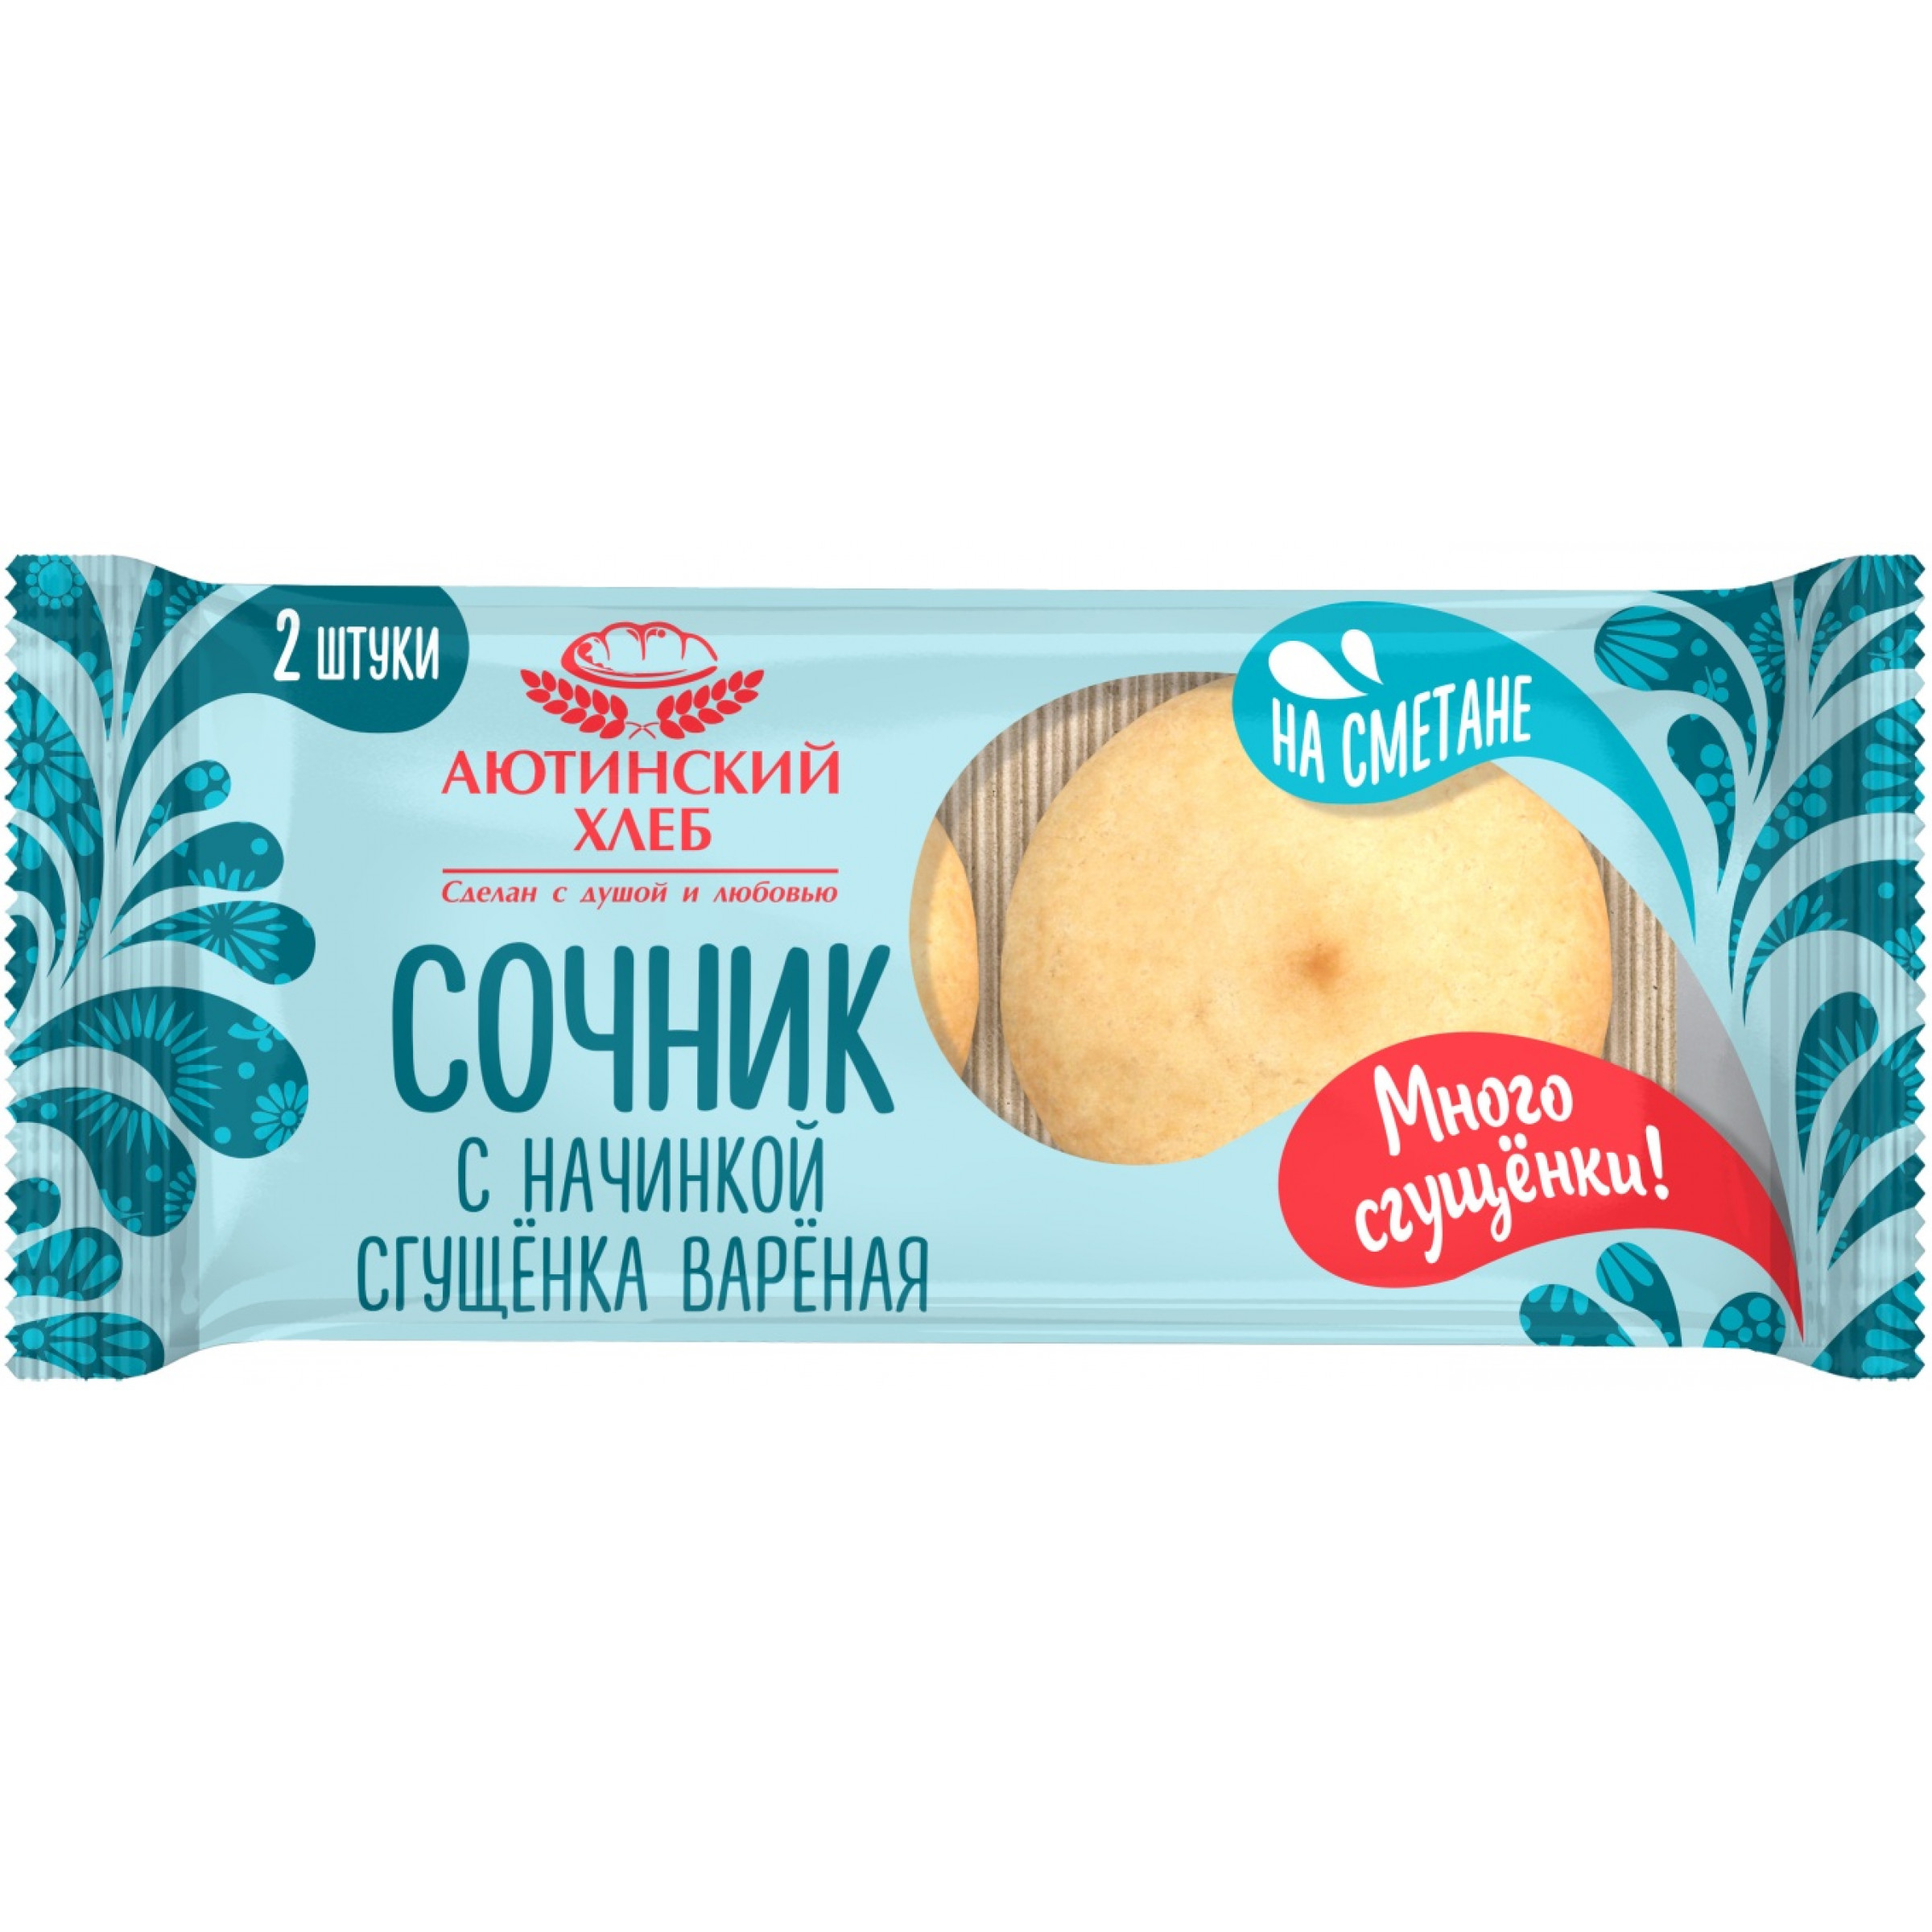 """Сочник """"Аютинский"""" с начинкой Сгущенка варёная, 120гр."""